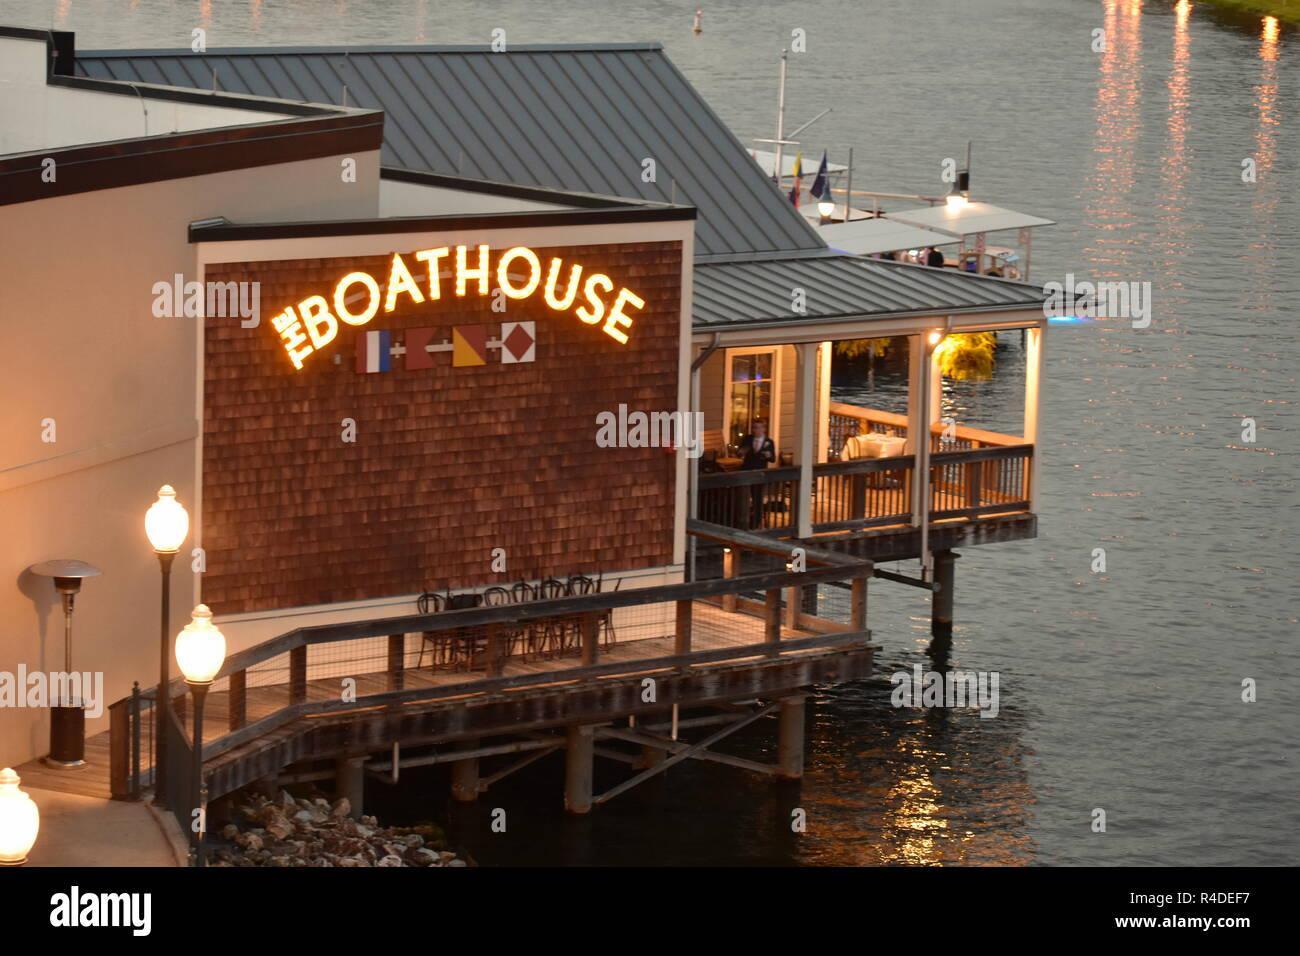 Orlando, Florida. November 16, 2018 Boat House Restaurant over the lake at Lake Buena Vista. - Stock Image